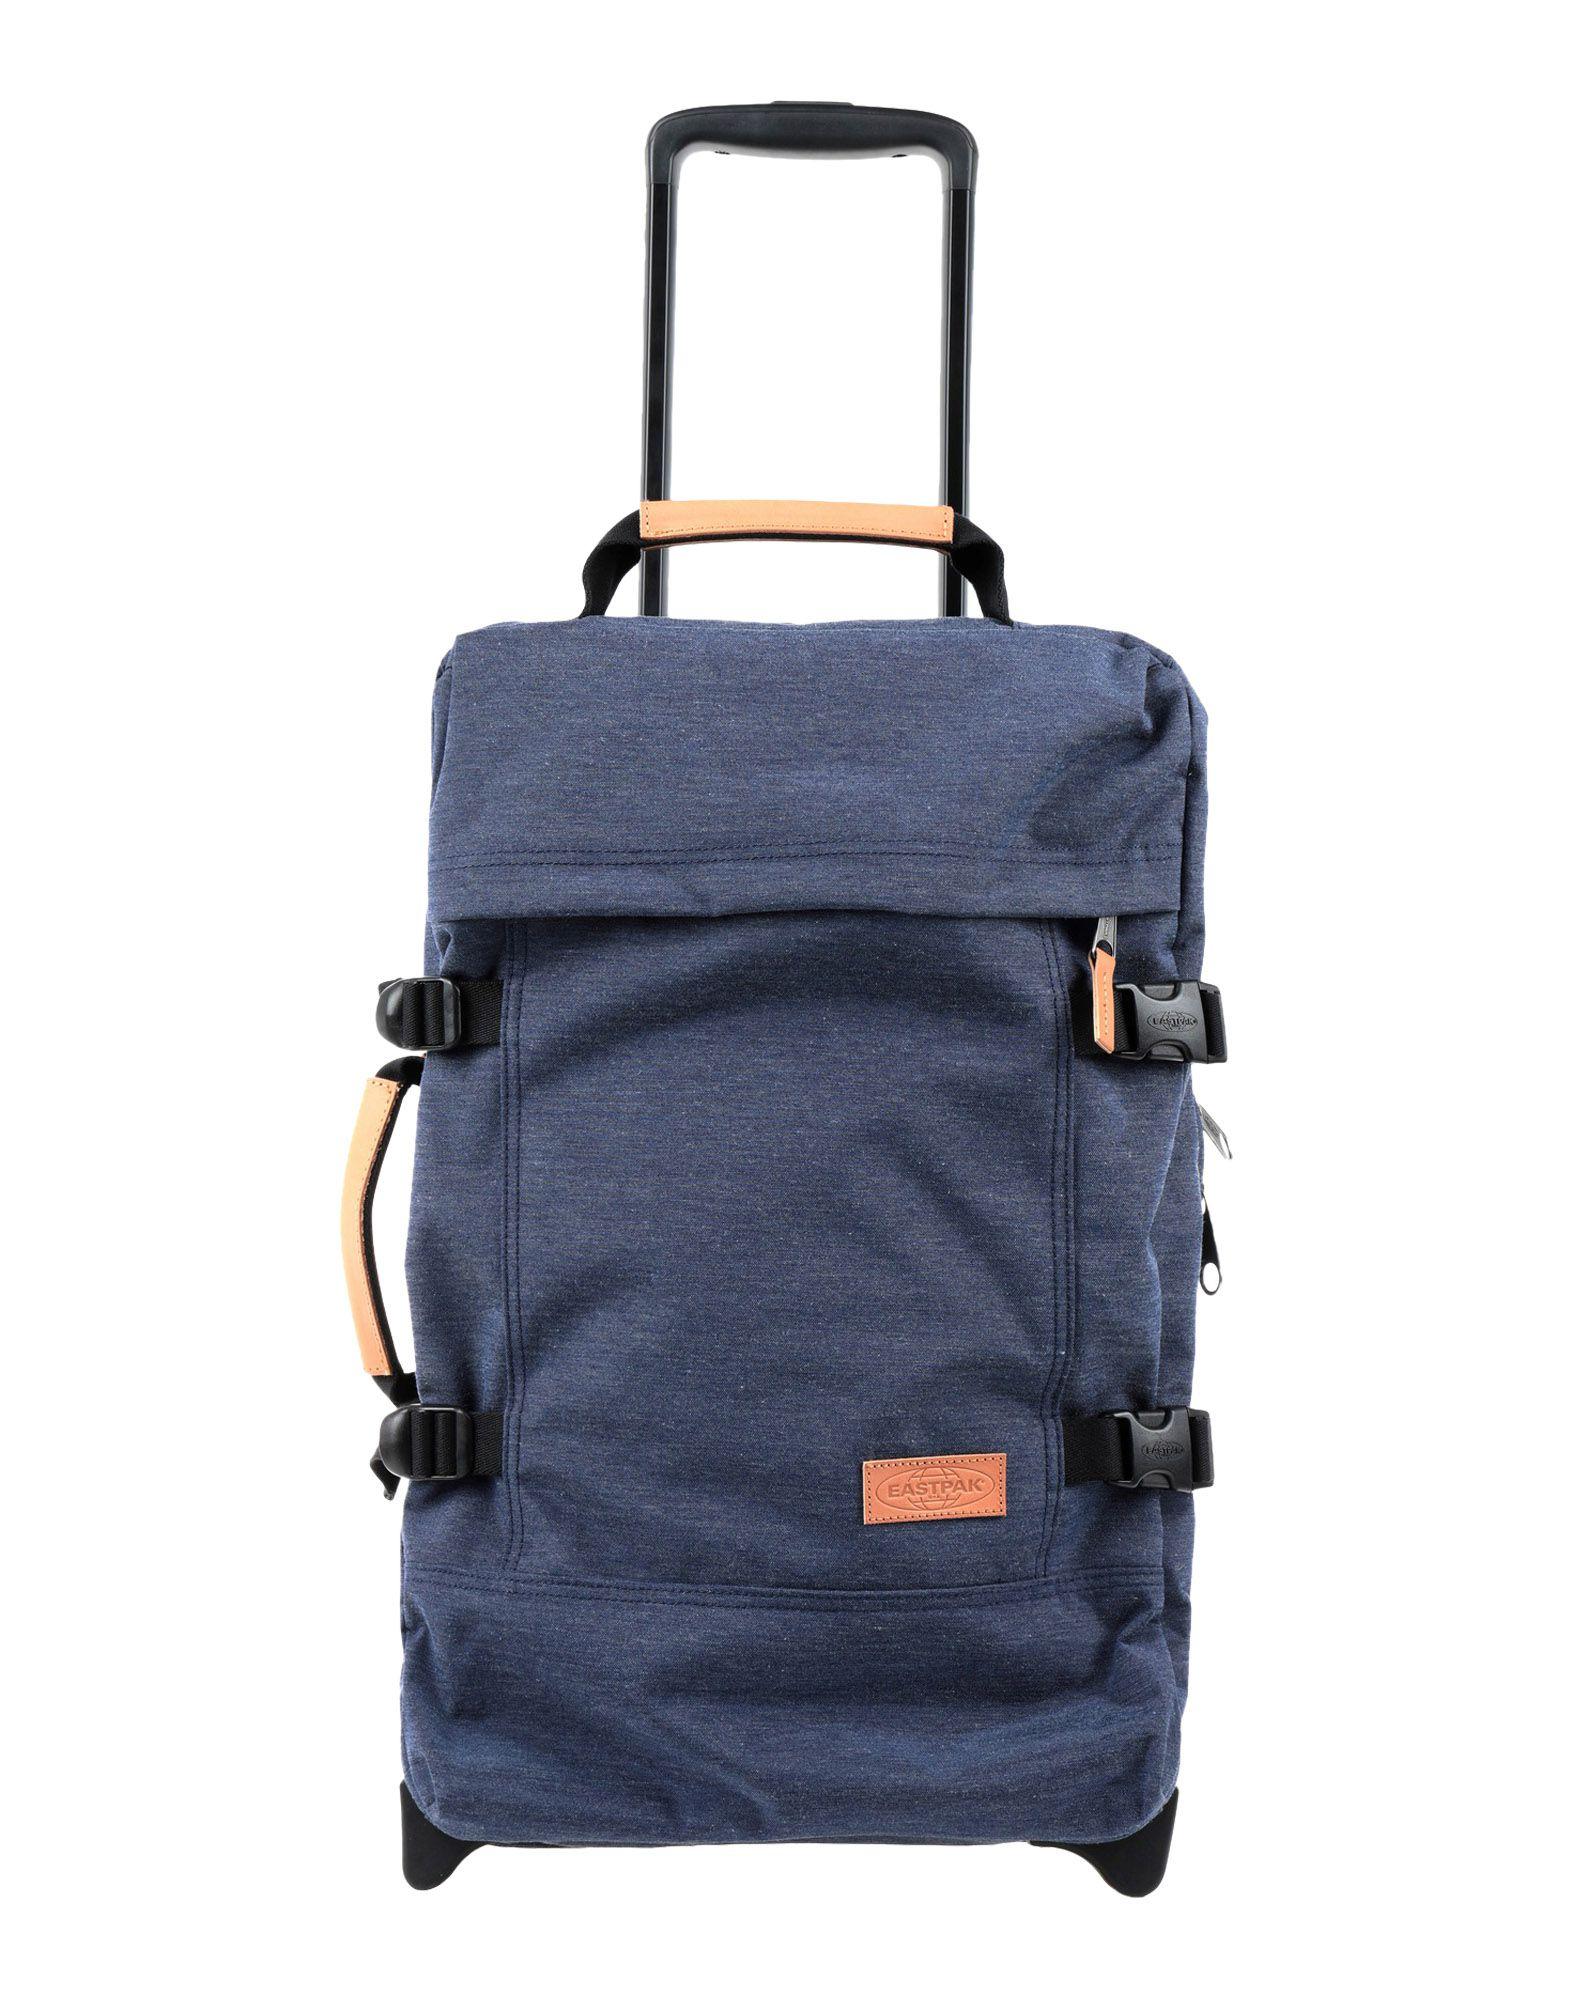 《期間限定セール中》EASTPAK Unisex キャスター付きバッグ ブルー ポリエステル / コットン / 革